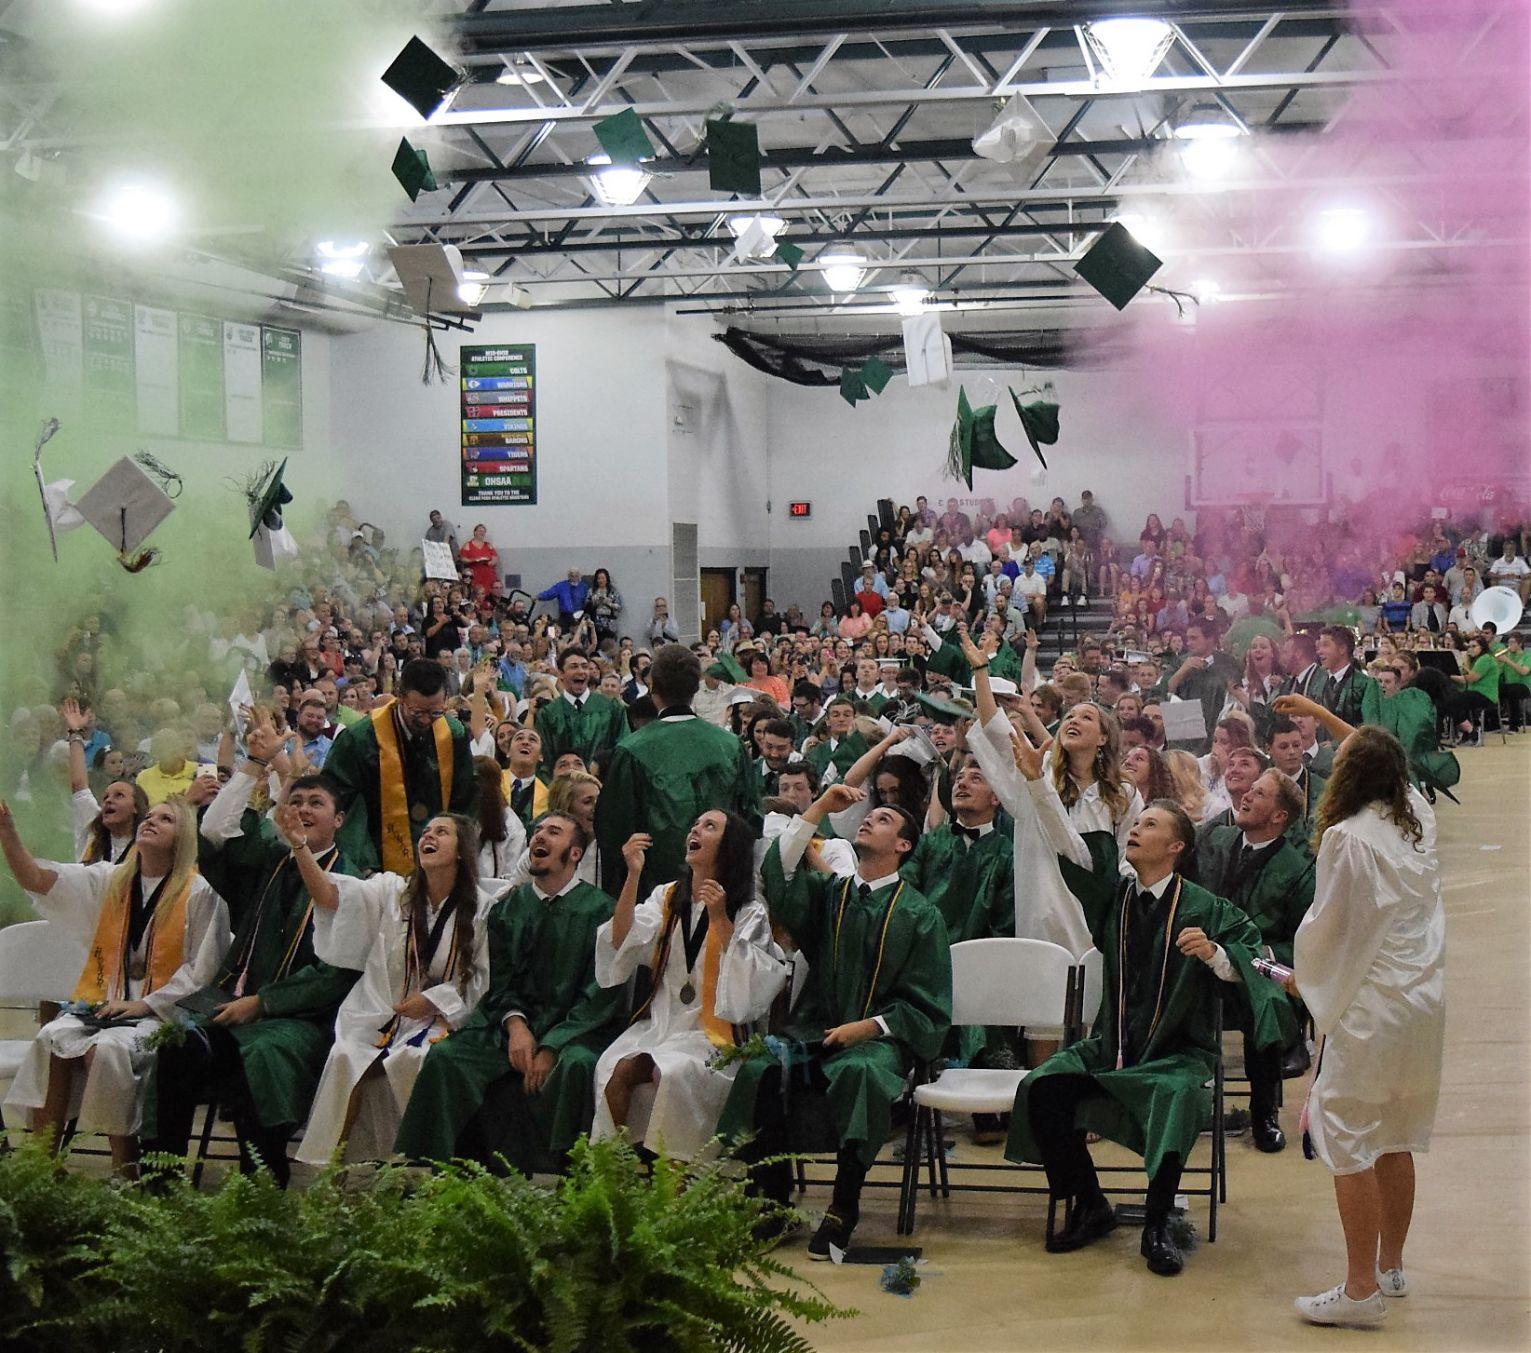 GALLERY: 2018 Clear Fork High School graduation